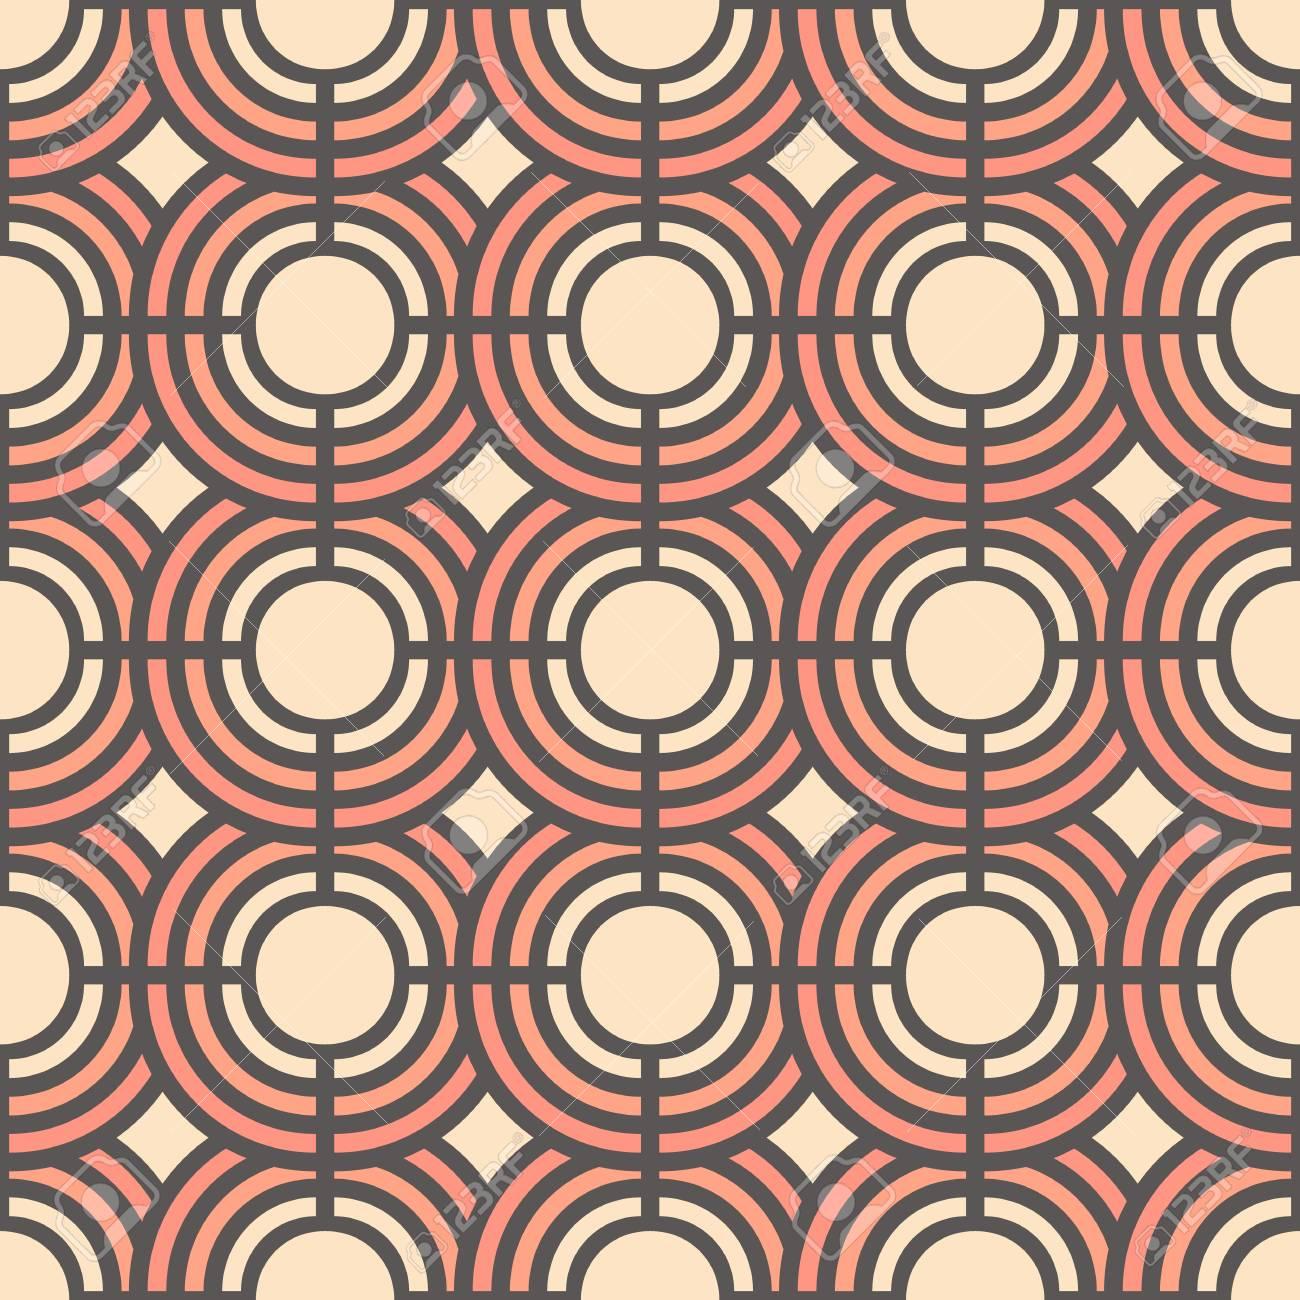 Patrón Transparente Suave Con Círculos Geométricos Abstractos Ilustracion Vectorial Fondo Para El Vestido Fabricación Fondos De Pantalla